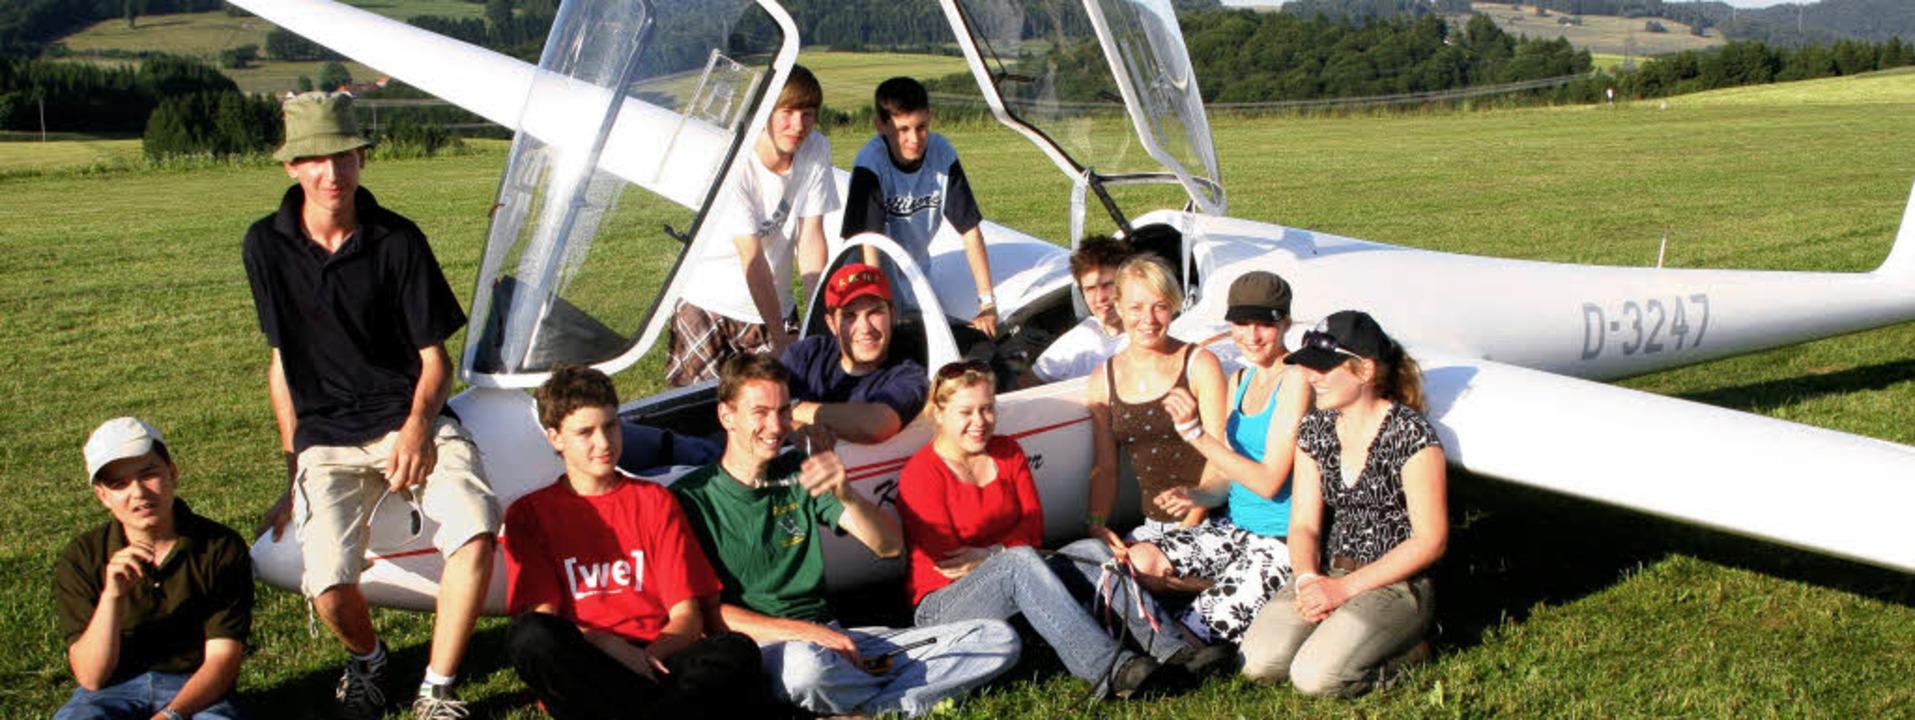 Die Luftsportgemeinschaft bekommt Zulauf von  jungen Flugbegeisterten.   | Foto: Heiner Fabry